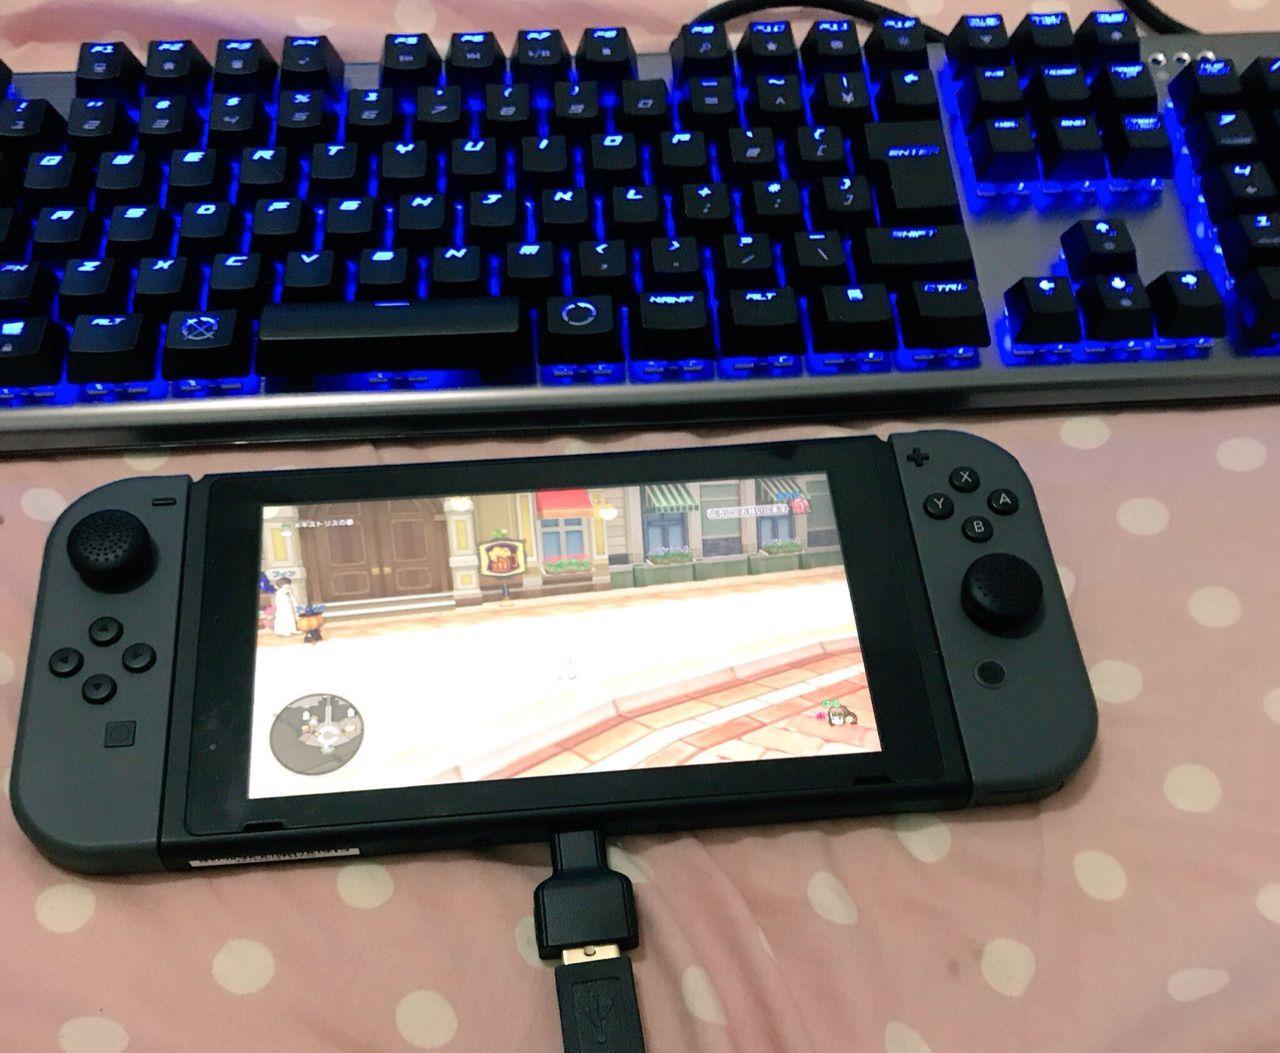 ドラクエ10 ブログ カノンちゃんの日常 : ドラクエ10、switch、PS4 ...